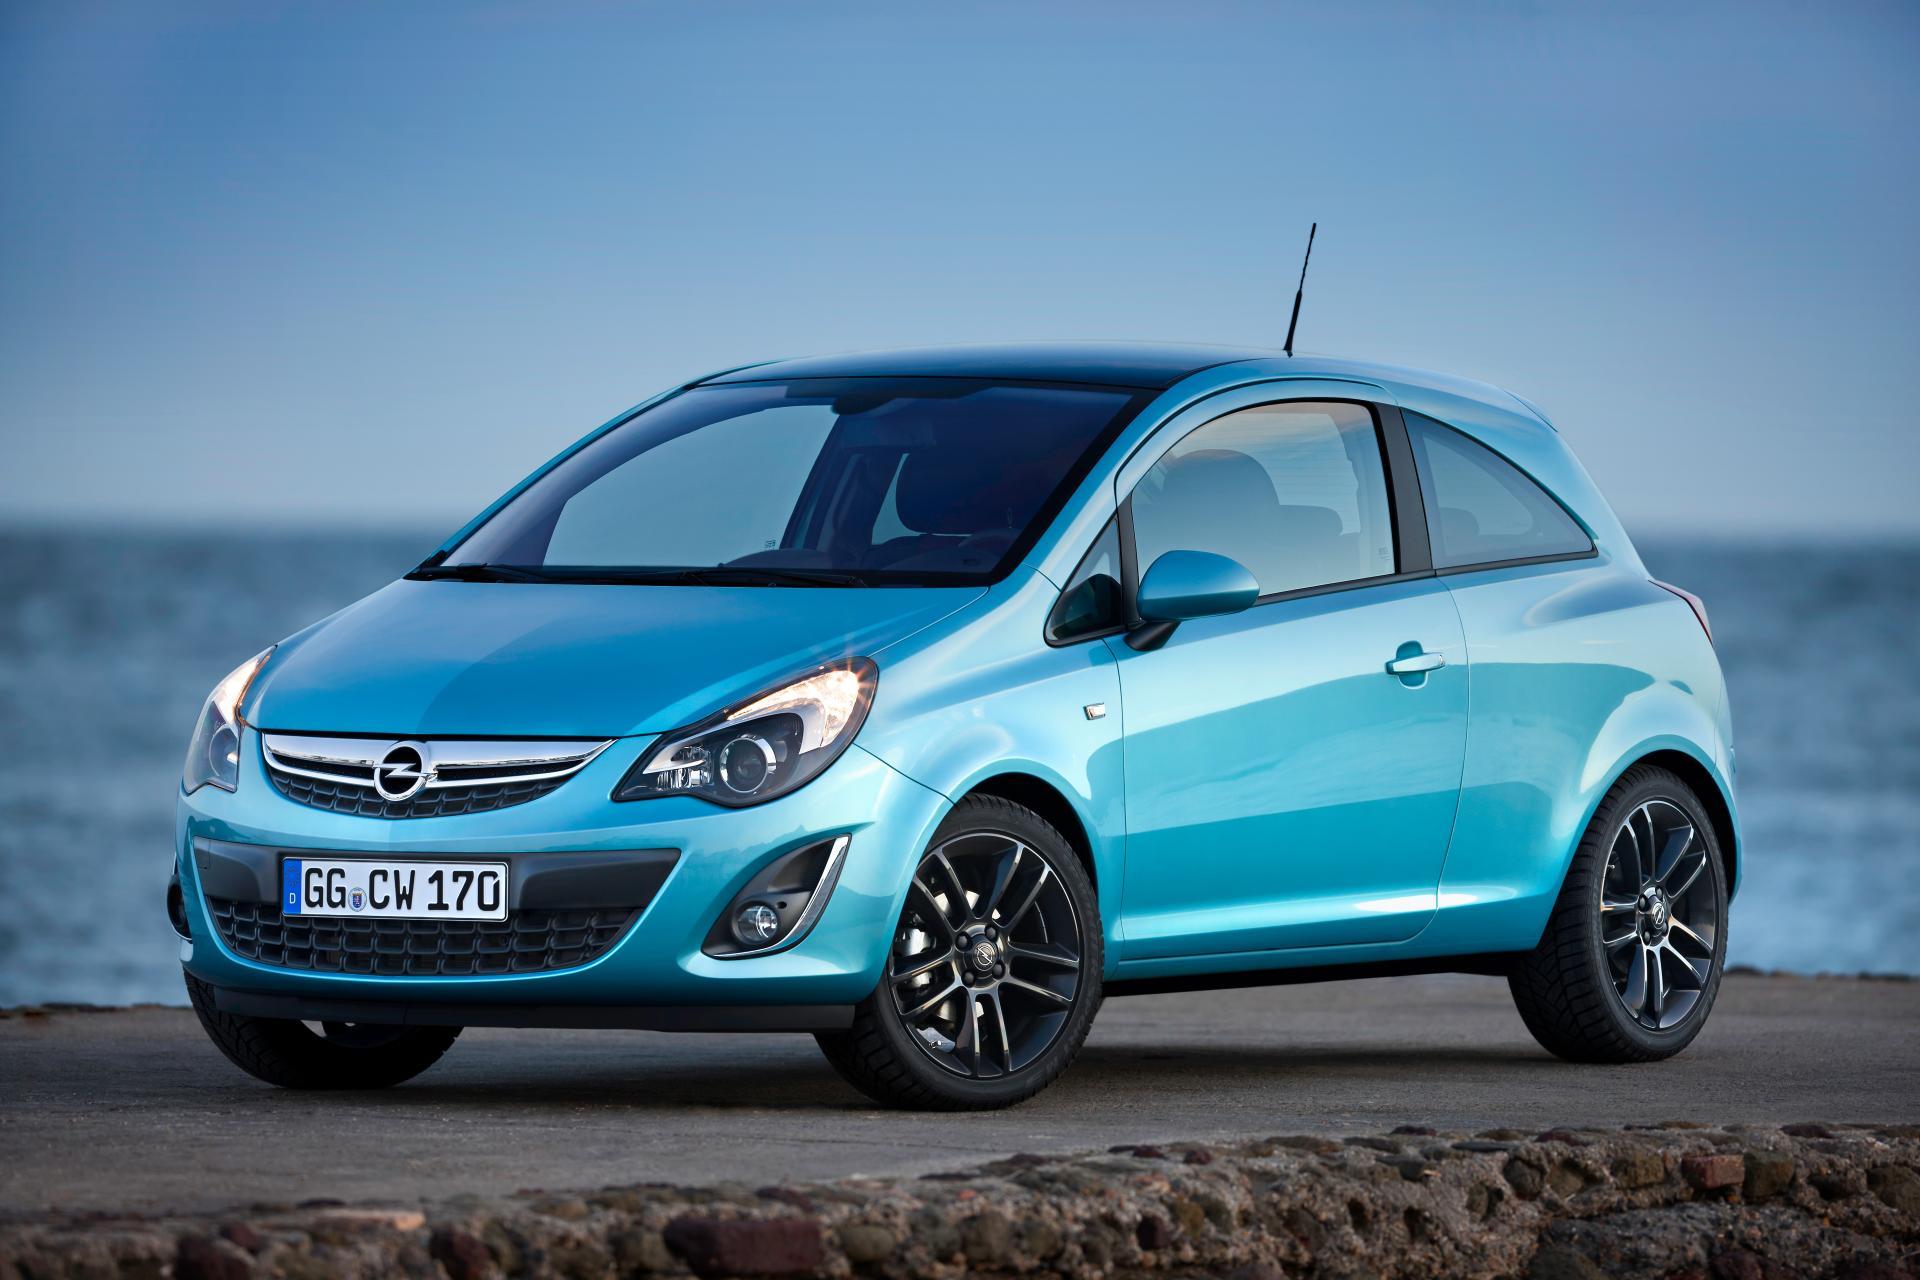 Opel Corsa 3-Door & 2012 Opel Corsa 3-Door - Picture 73183